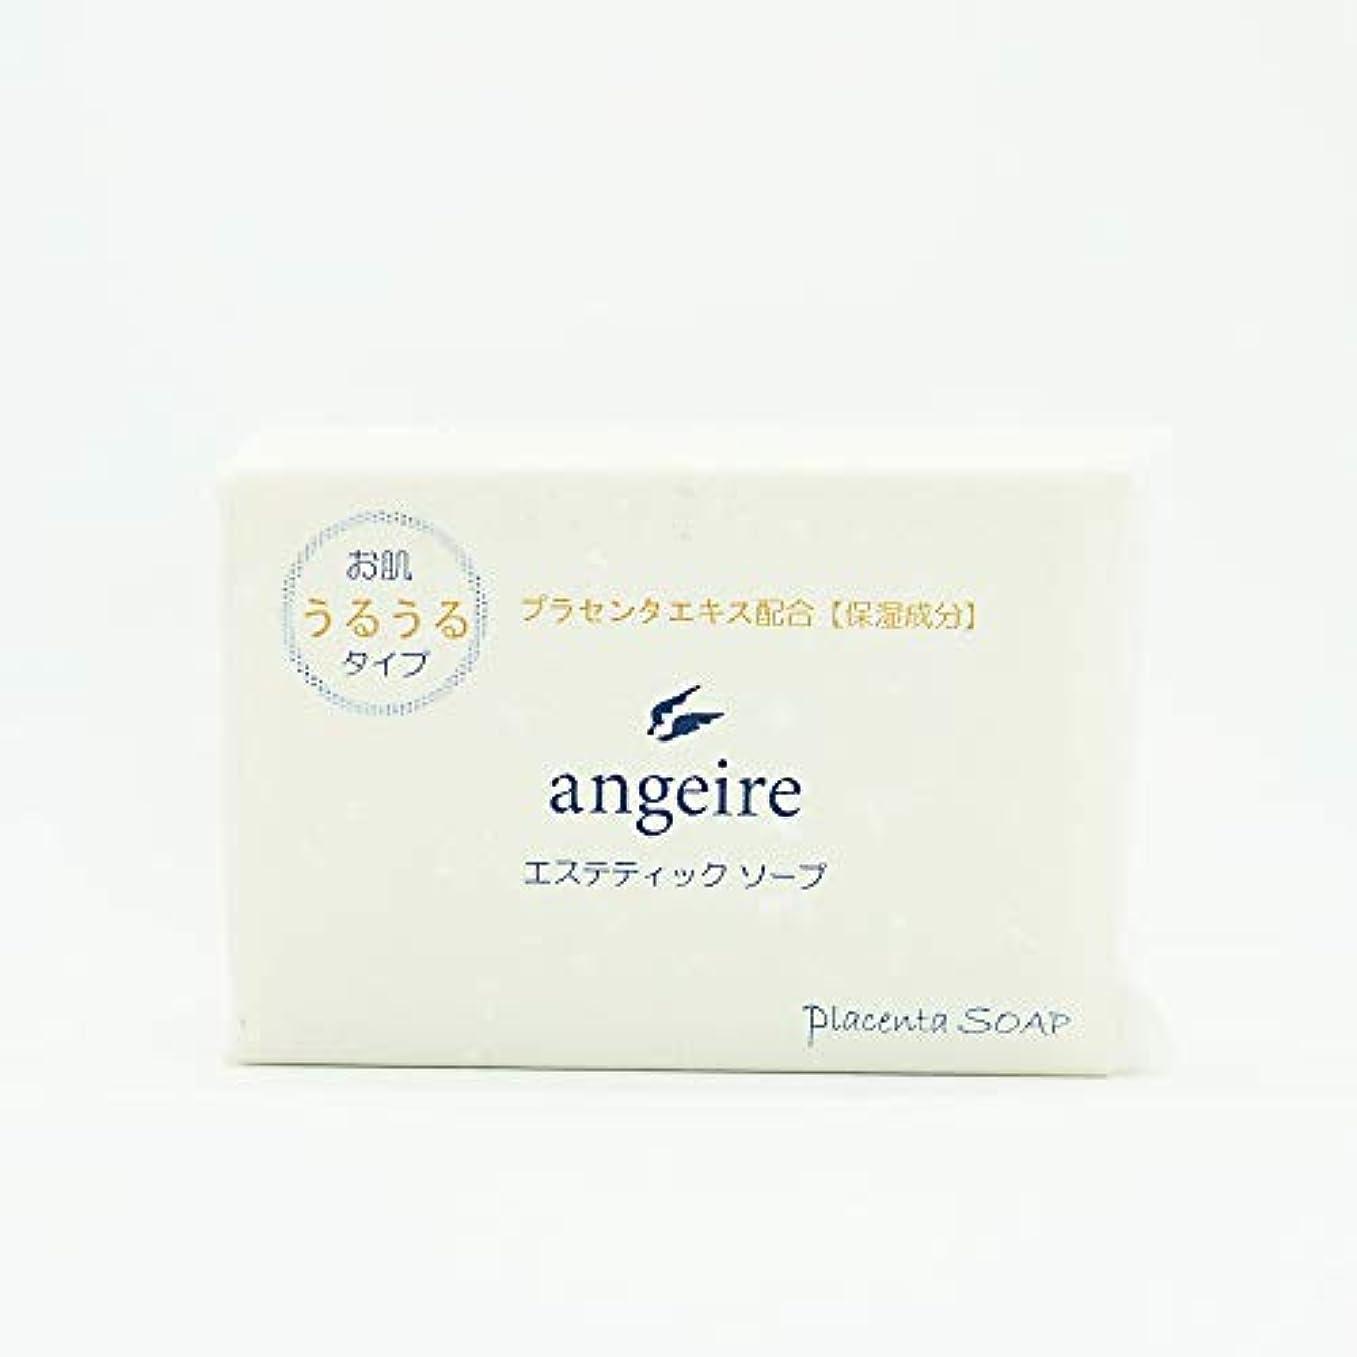 量潮三角angeire エステティックソープ お肌うるうるタイプ 天然アロマの香り